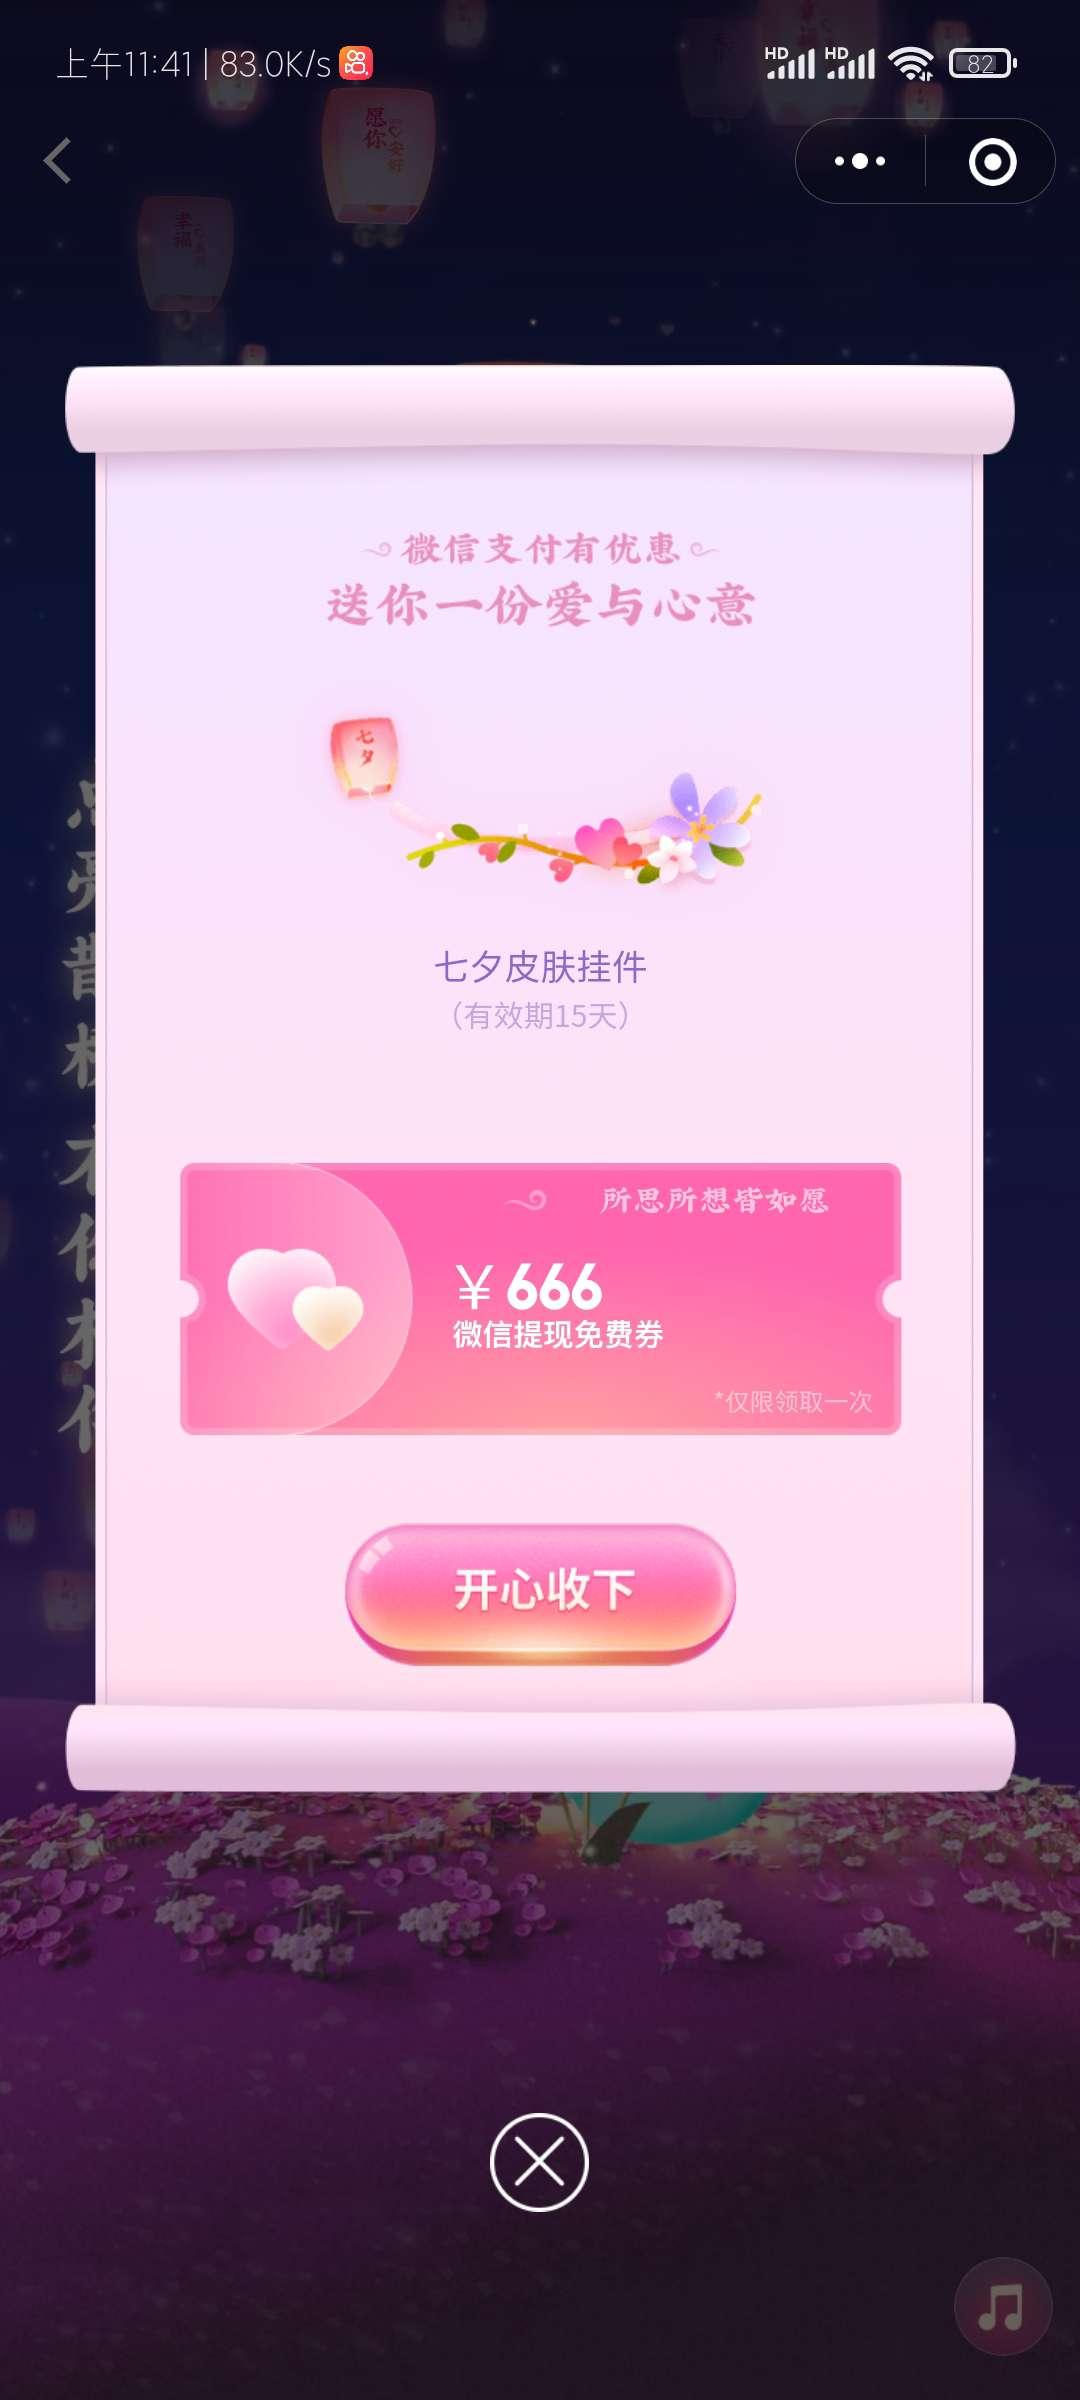 【虚似游戏道具】七夕免费领微信取现信用额度插图1